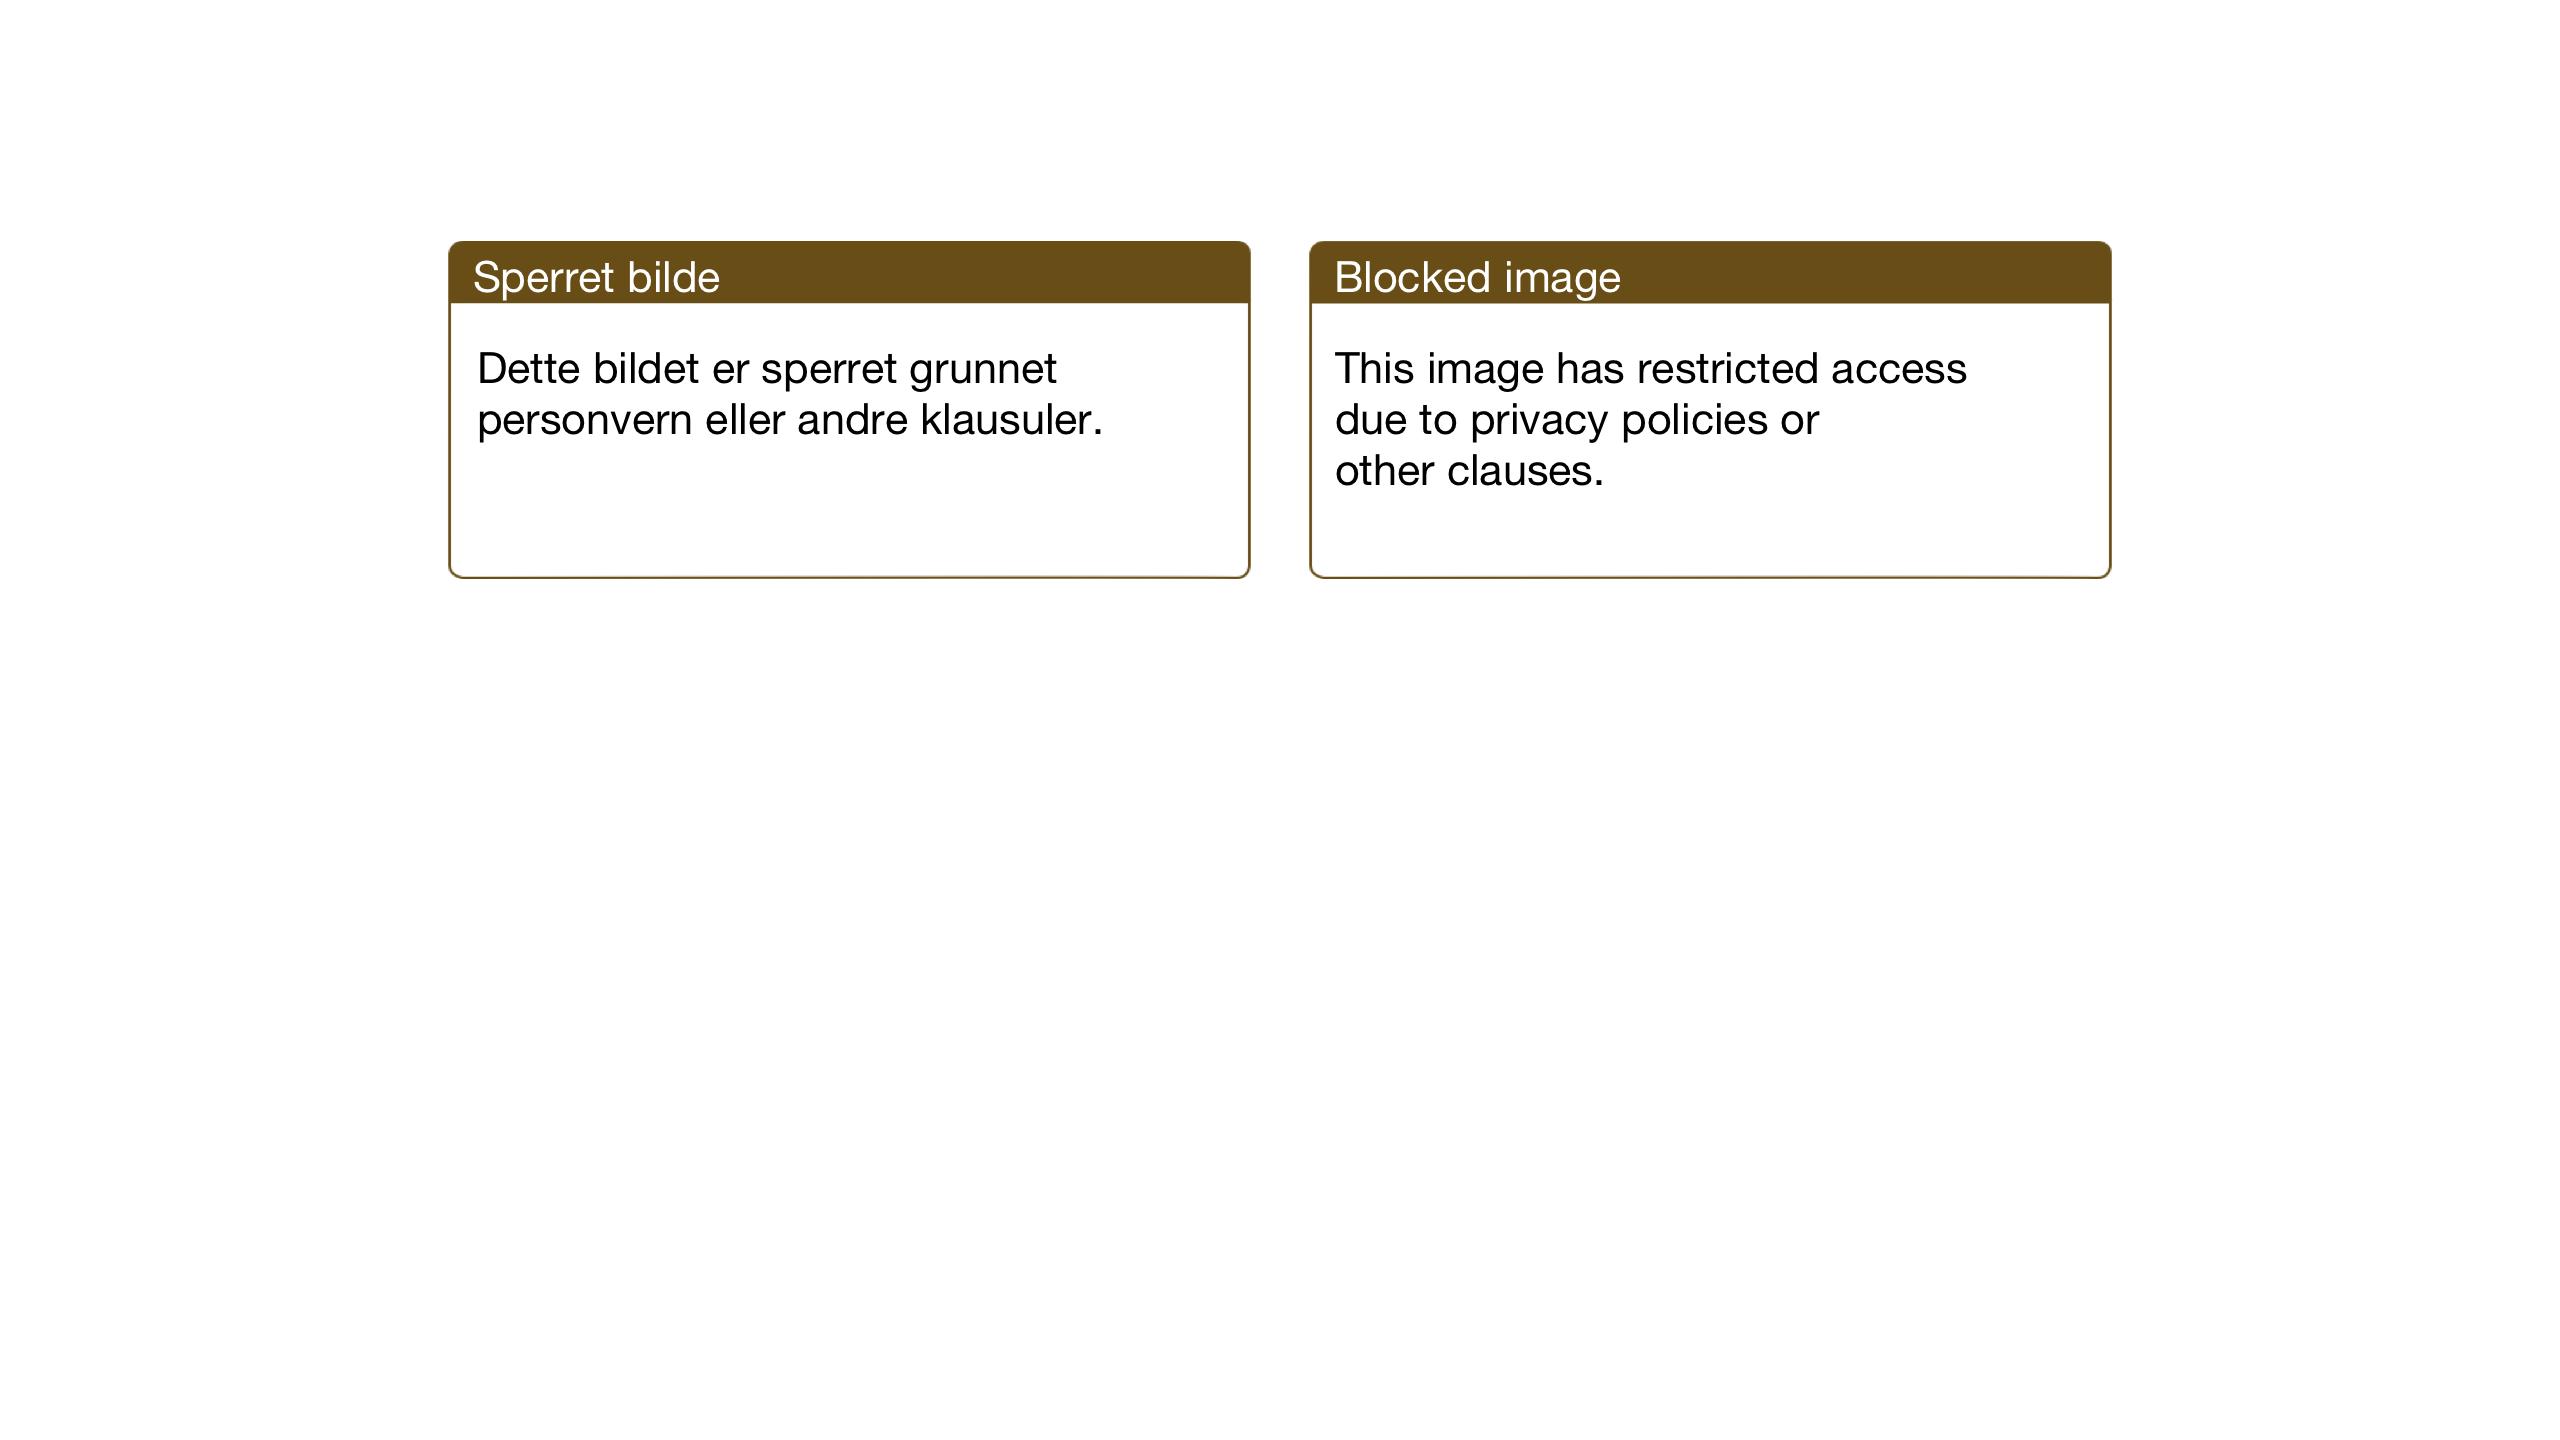 SAT, Ministerialprotokoller, klokkerbøker og fødselsregistre - Nord-Trøndelag, 713/L0125: Klokkerbok nr. 713C02, 1931-1941, s. 91